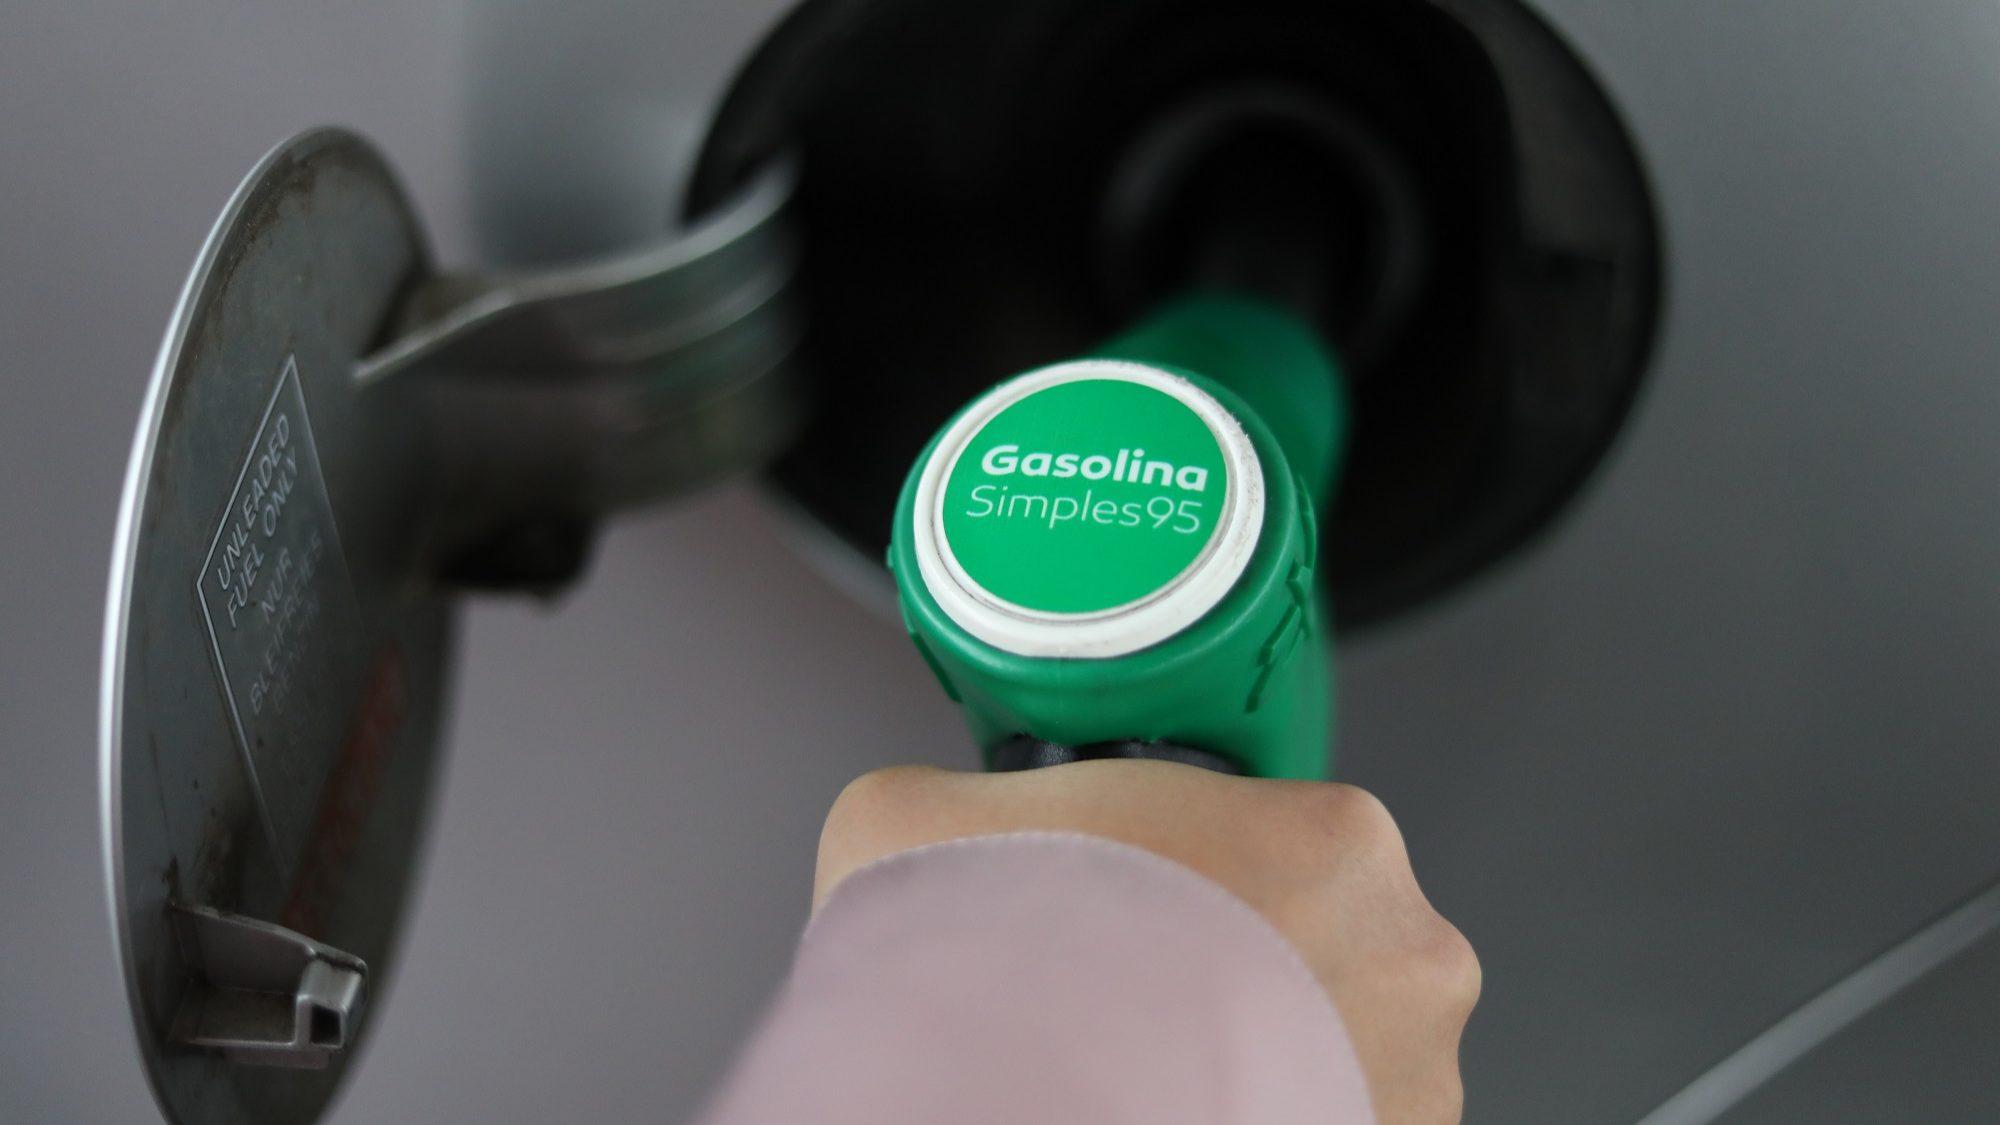 Governo diz que descida dos combustíveis não é garantida se ISP baixar. O que dizem as empresas?